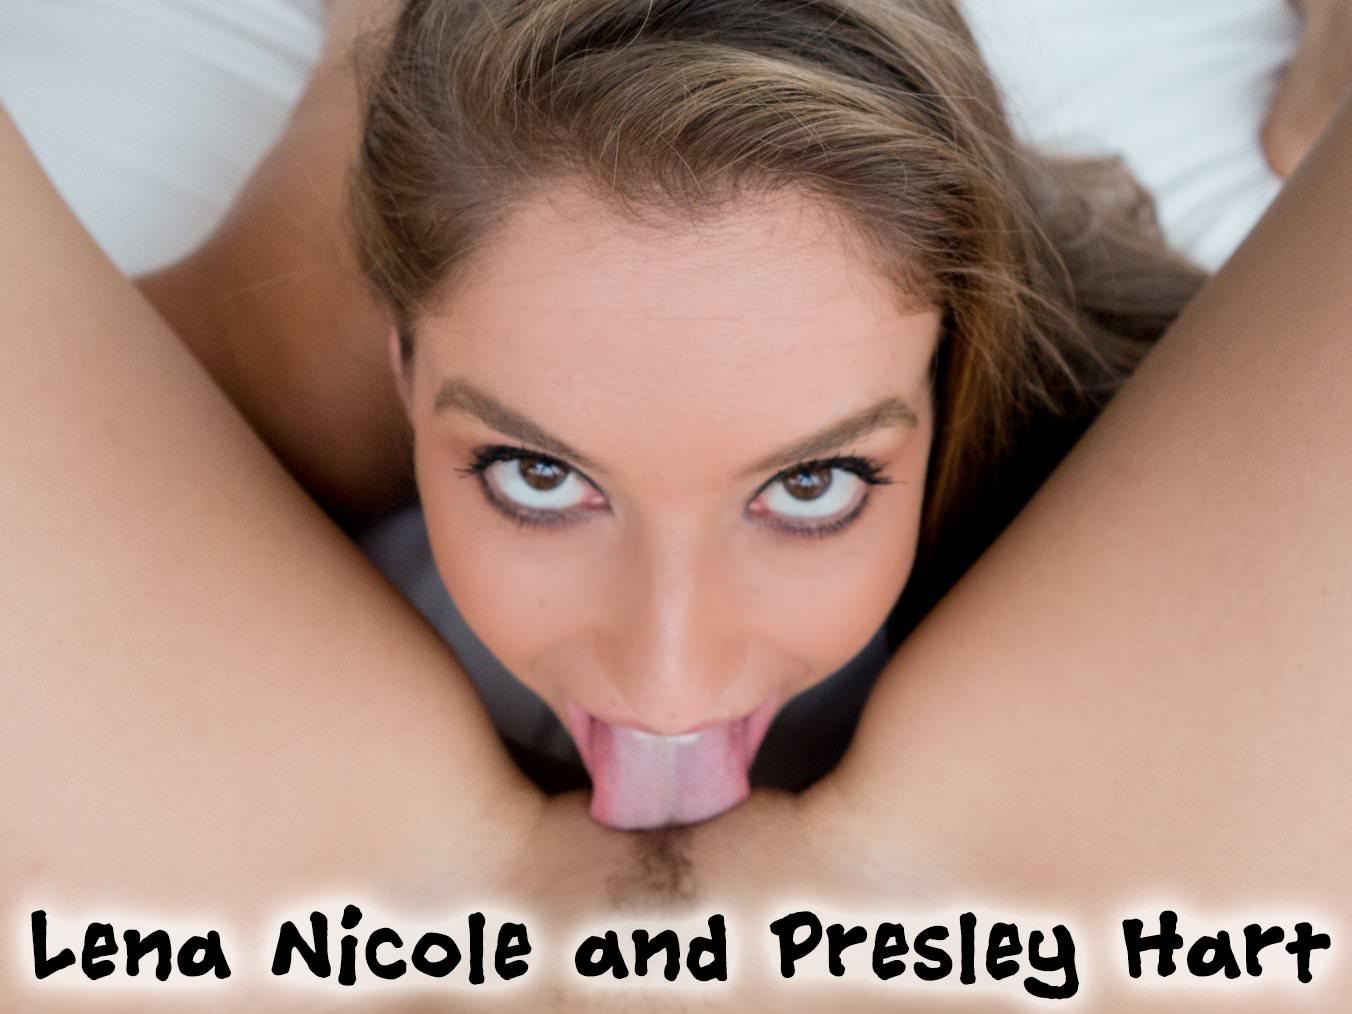 Presley hart pov hd